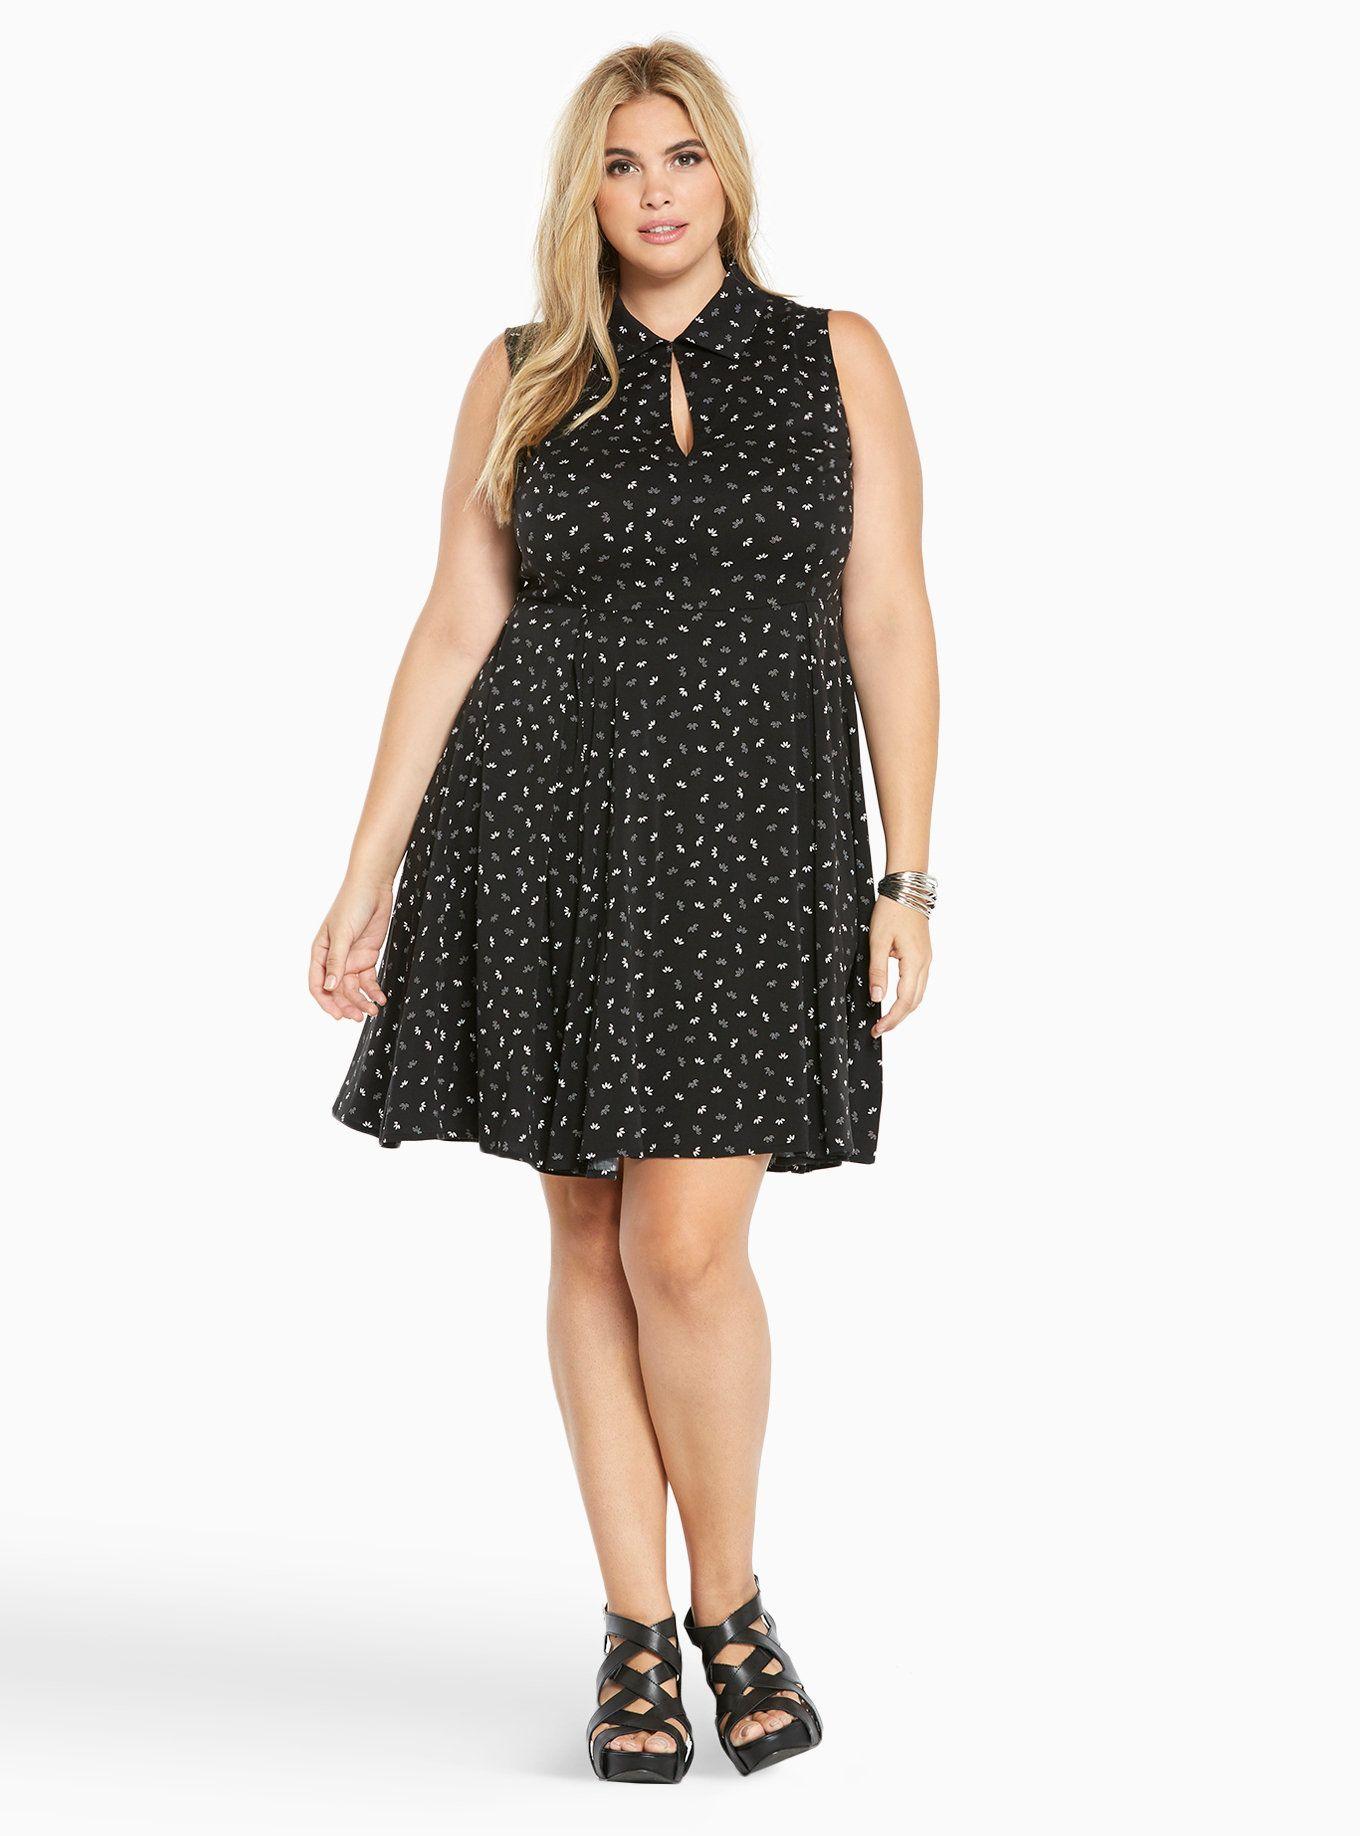 Dress size 24 torrid dress 24 torrid black and white draped v neck - Floral Print Challis Shirt Dress Torrid